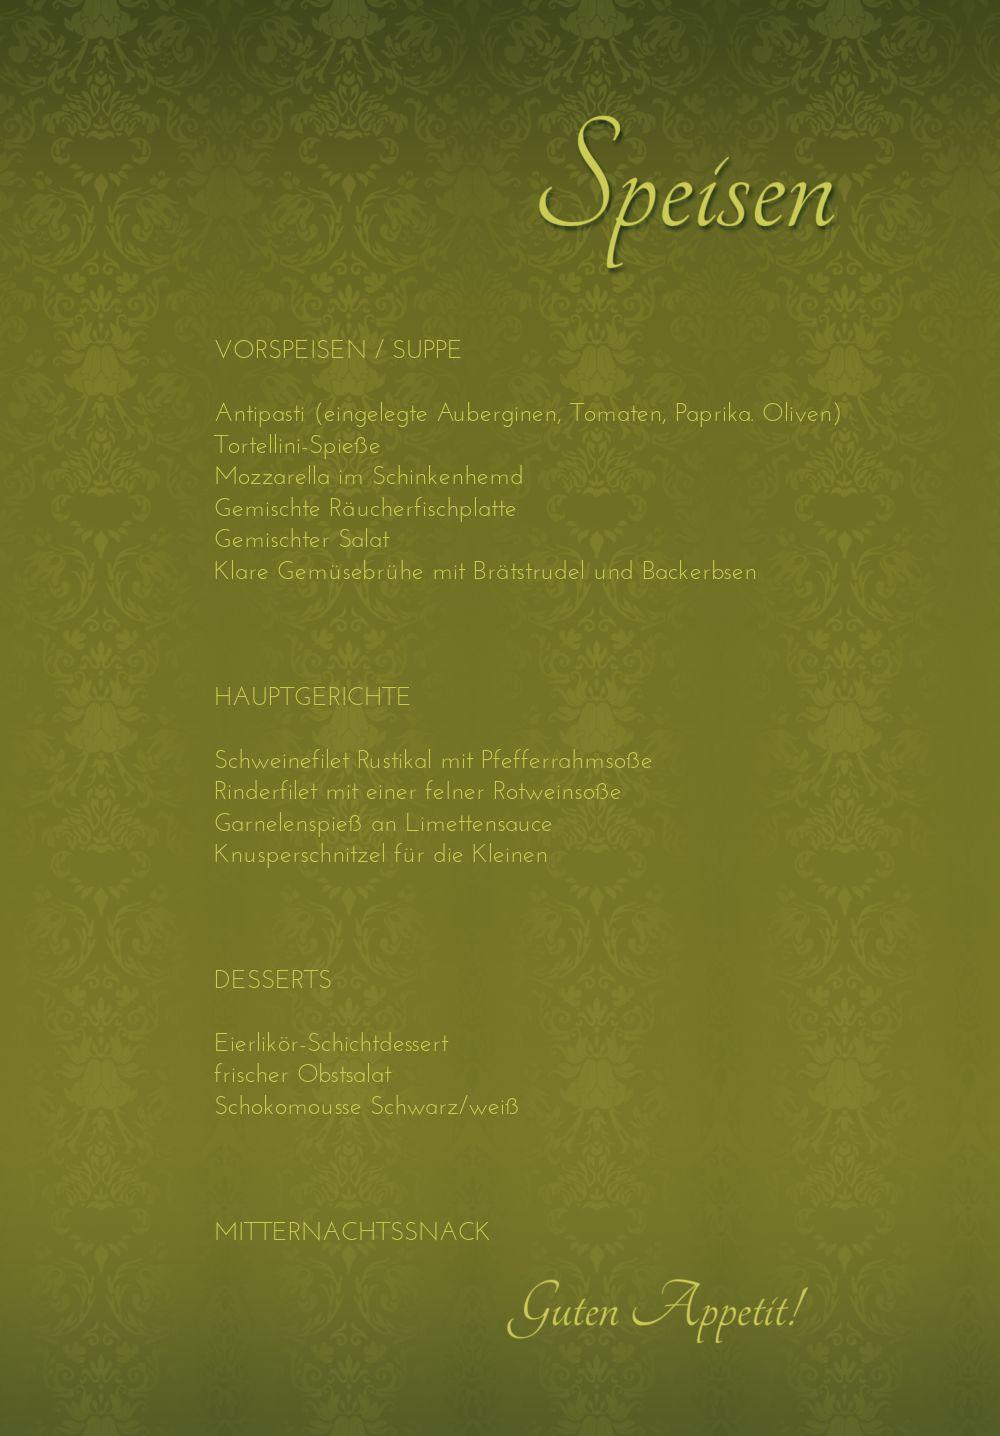 Ansicht 5 - Hochzeit Menükarte Eheversprechen